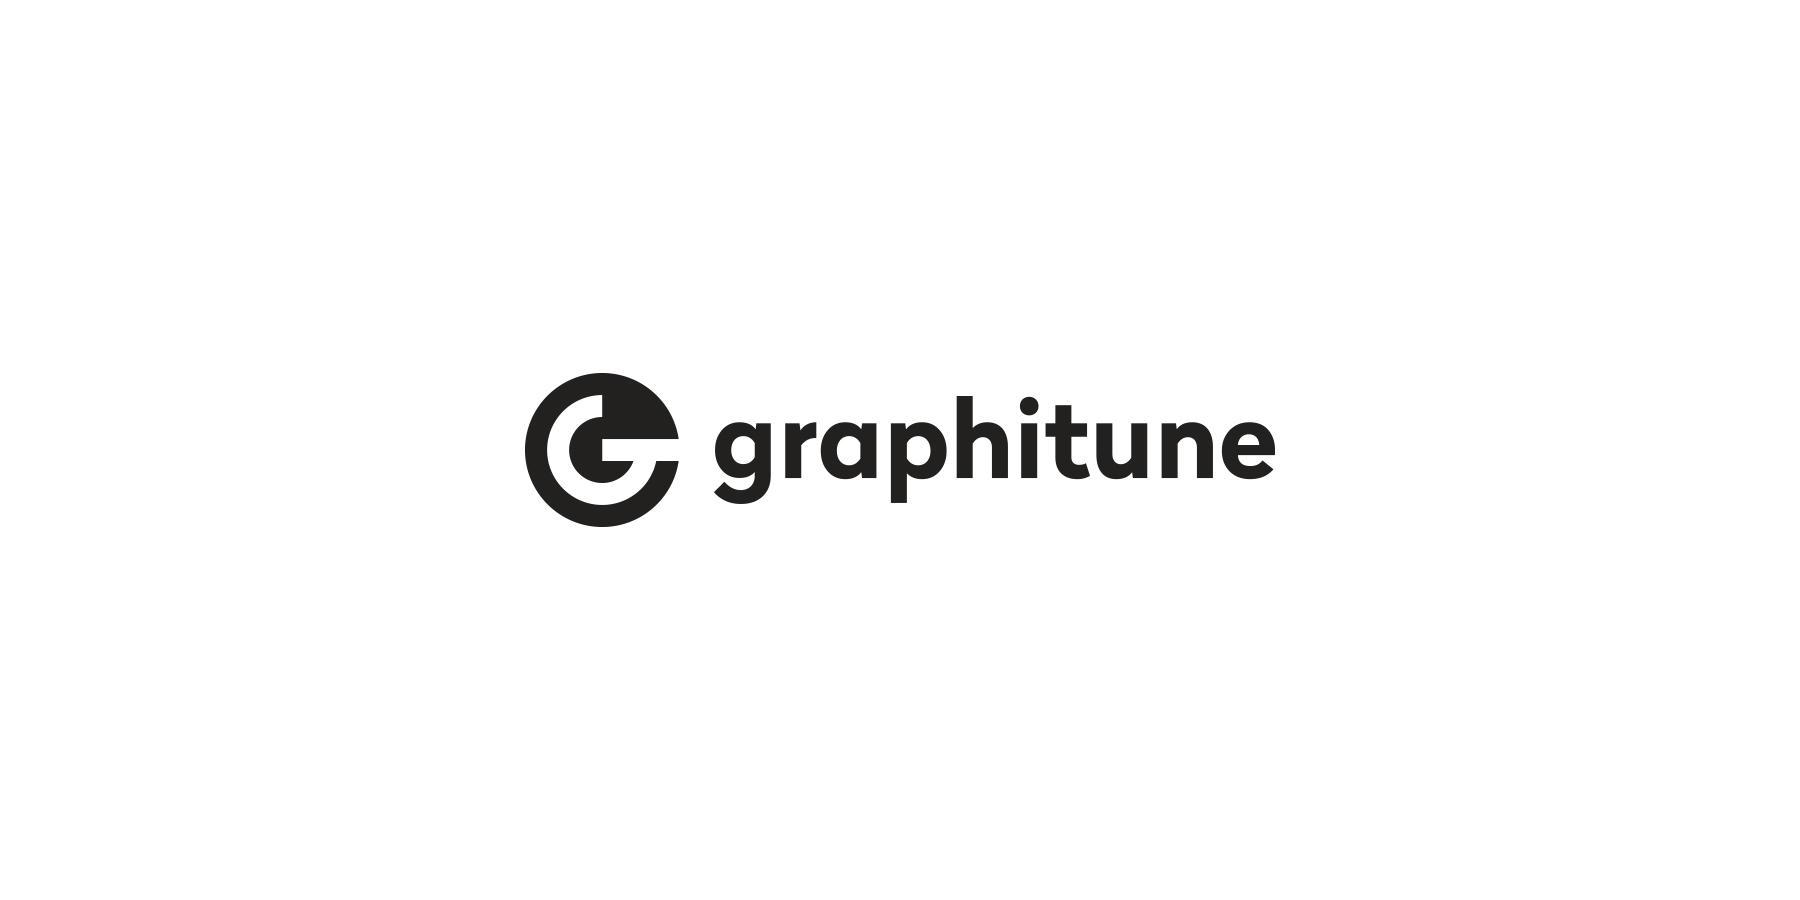 graphitune-logo-design-01